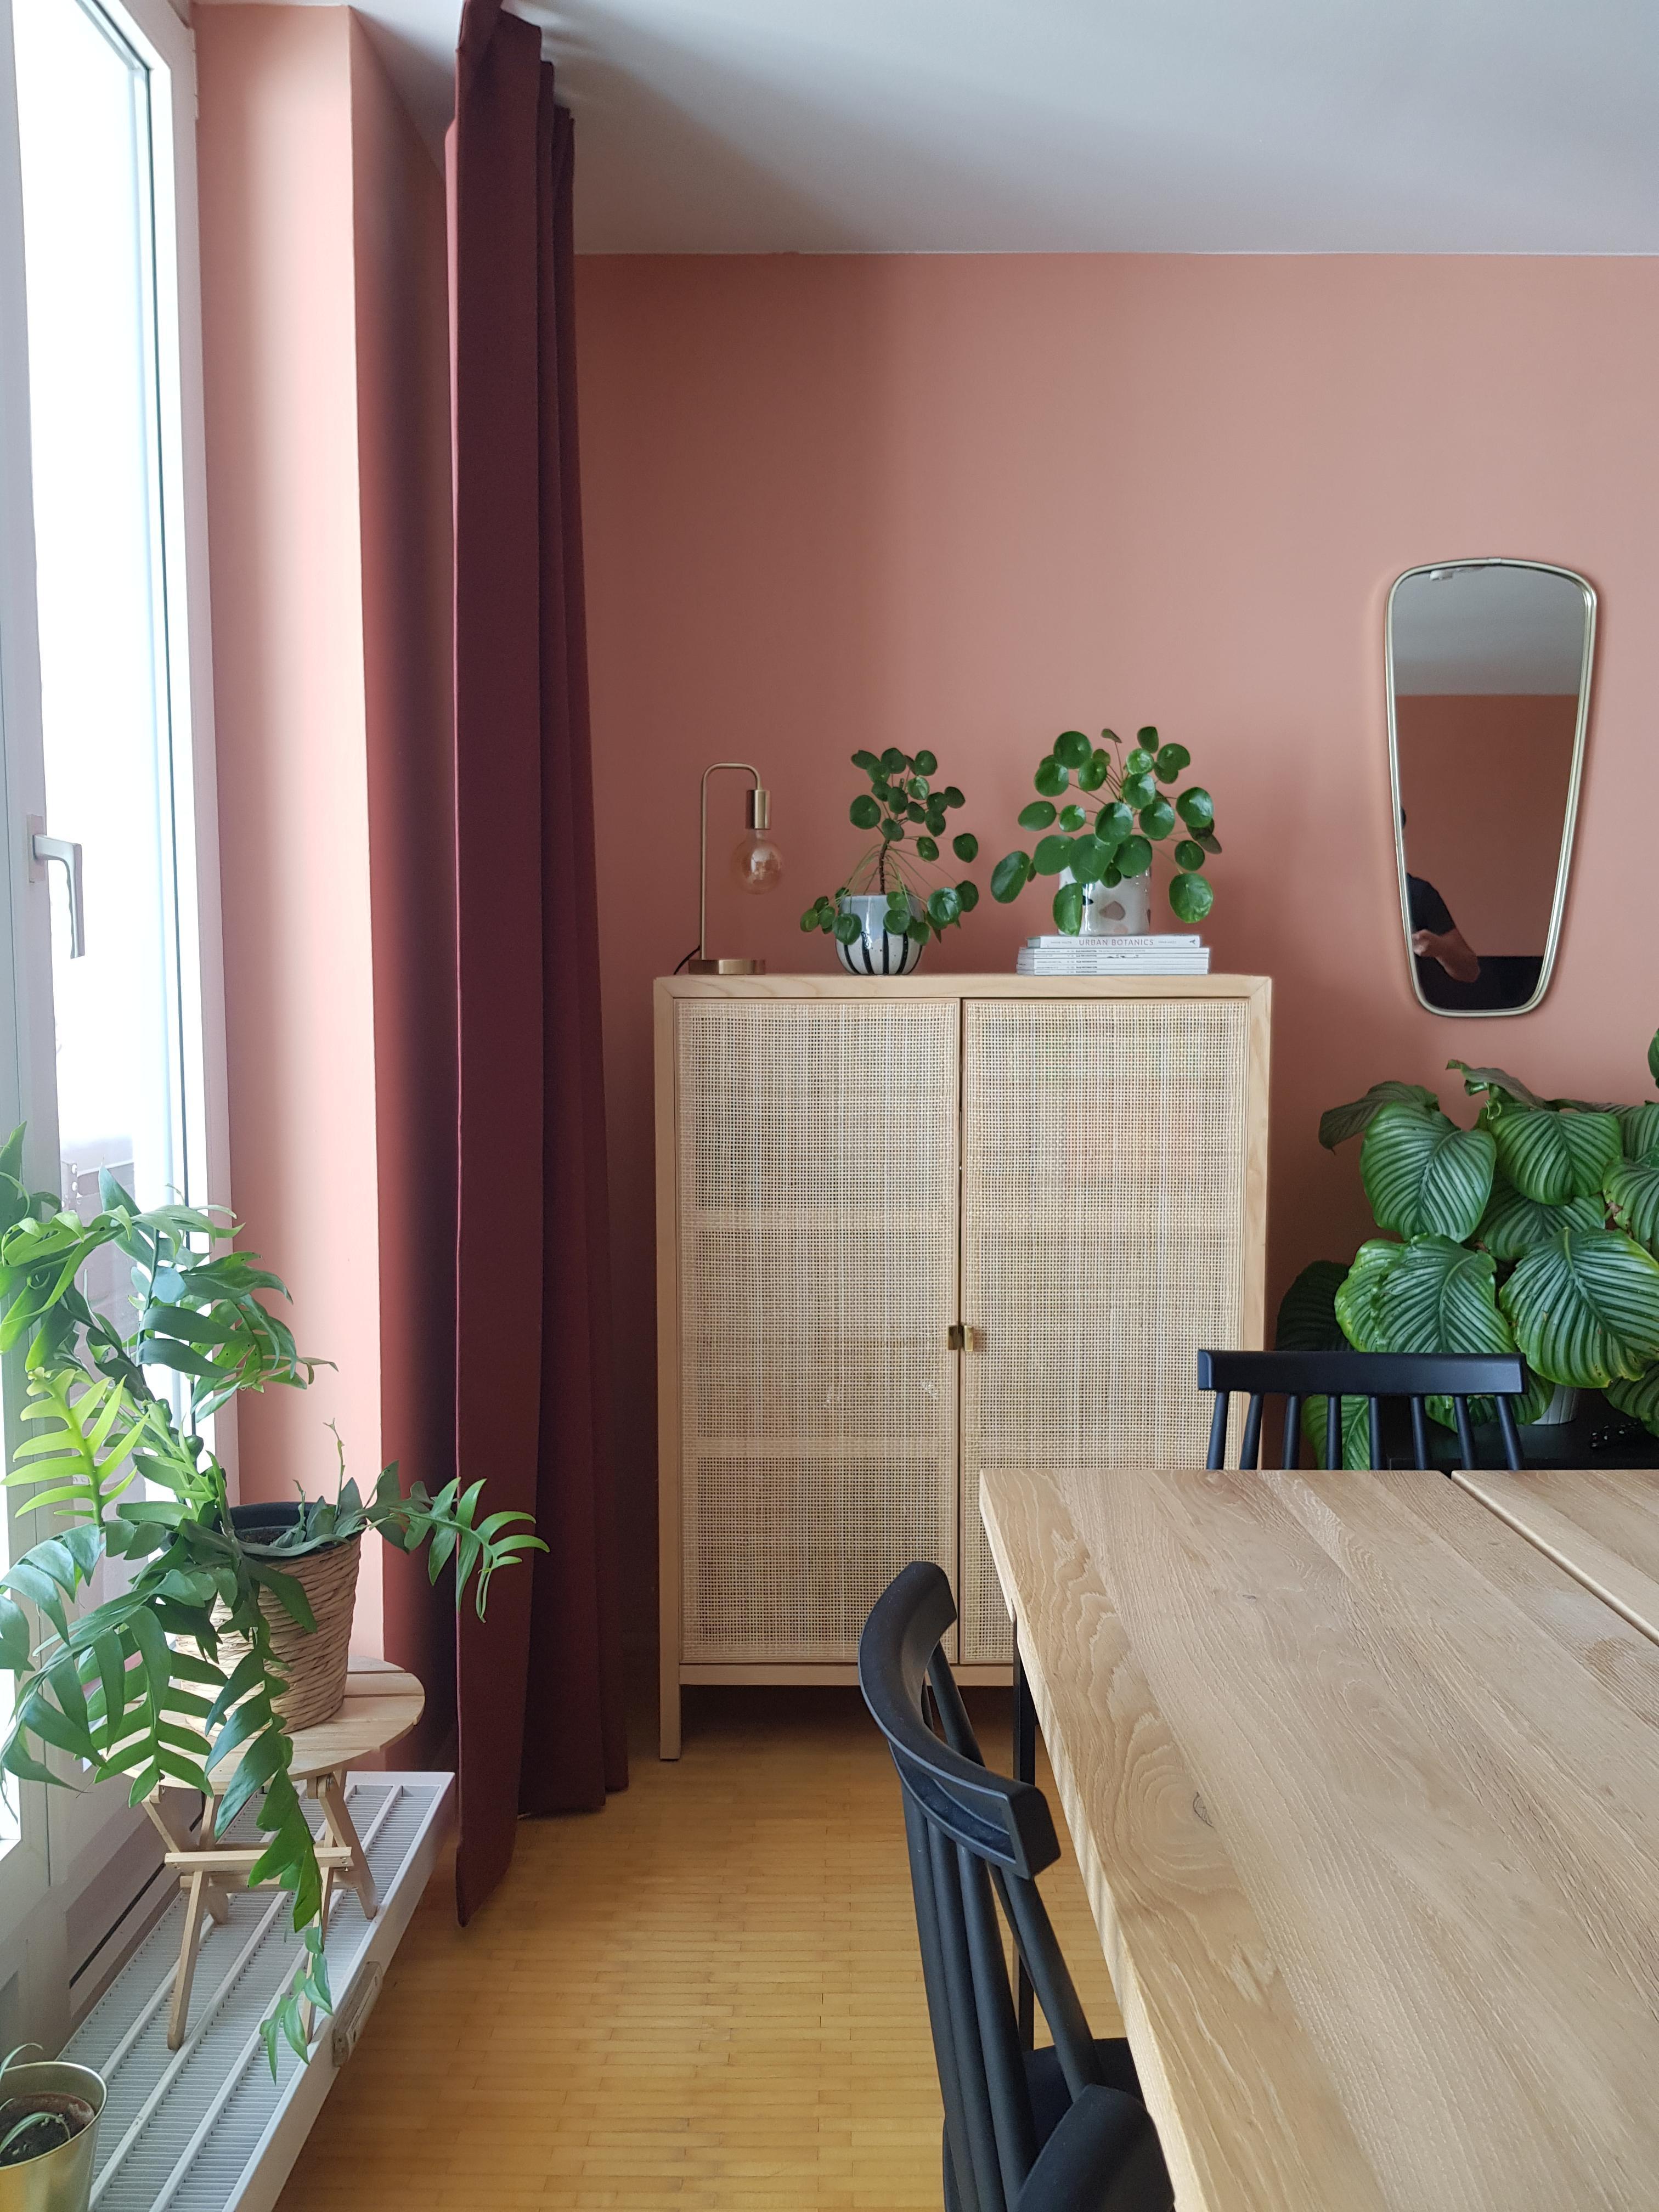 Grün trifft auf Rosa im #wohnzimmer #diekraftderpfla